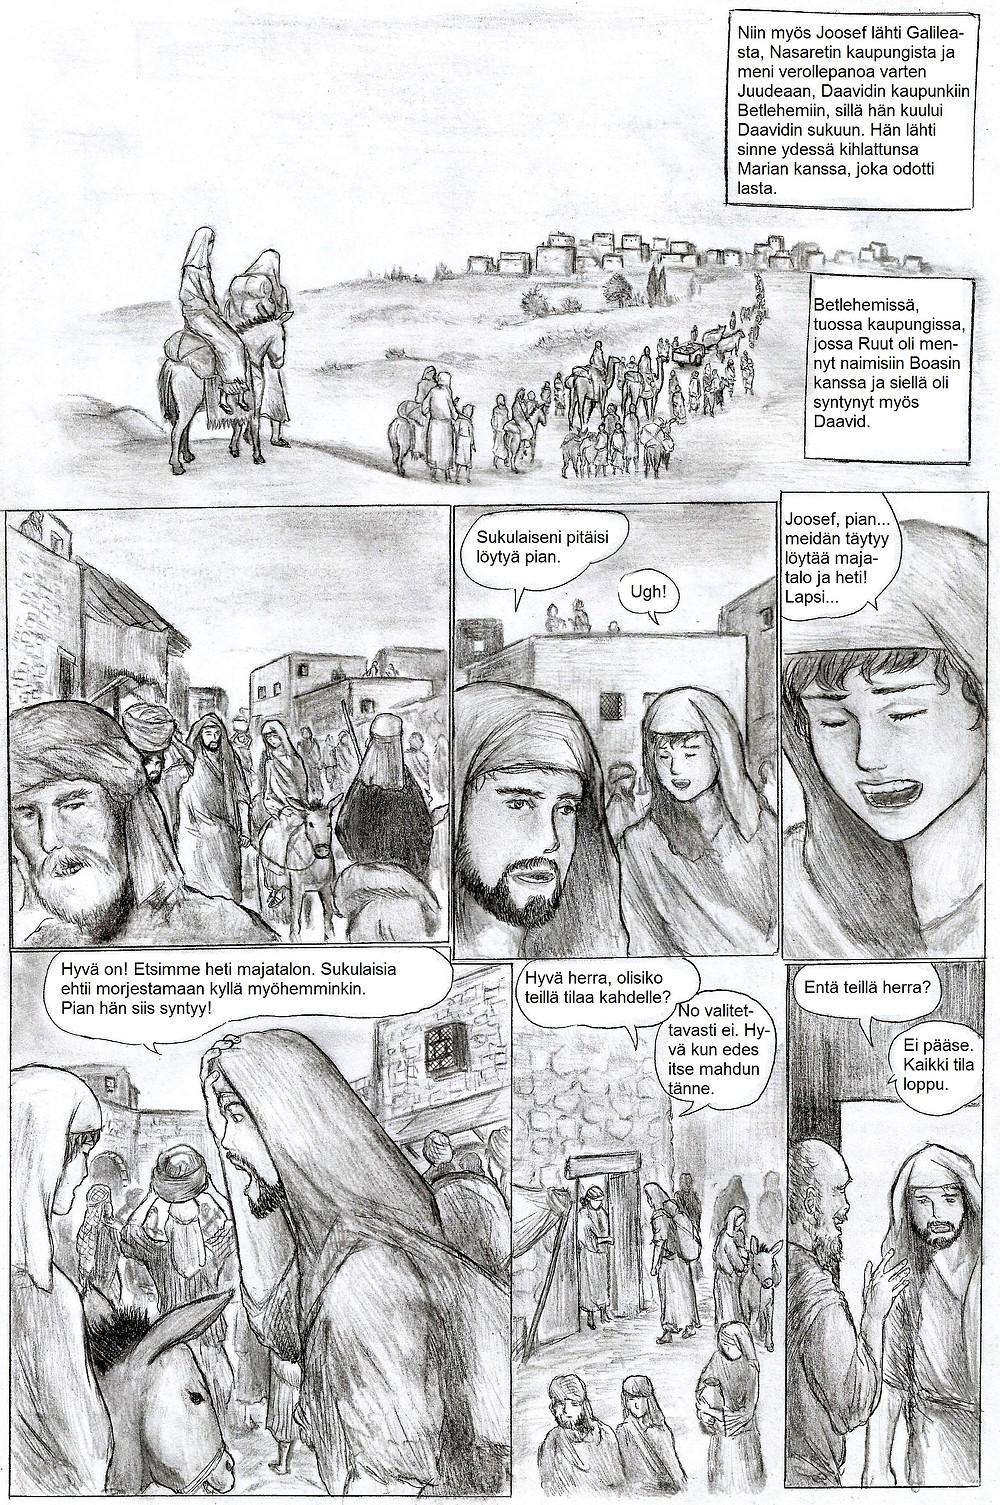 Joosef ja Maria lähtevät verollepanoa varten Betlehemiin. Marian supistukset alkavat, joten majapaikka täytyy löytää pian.